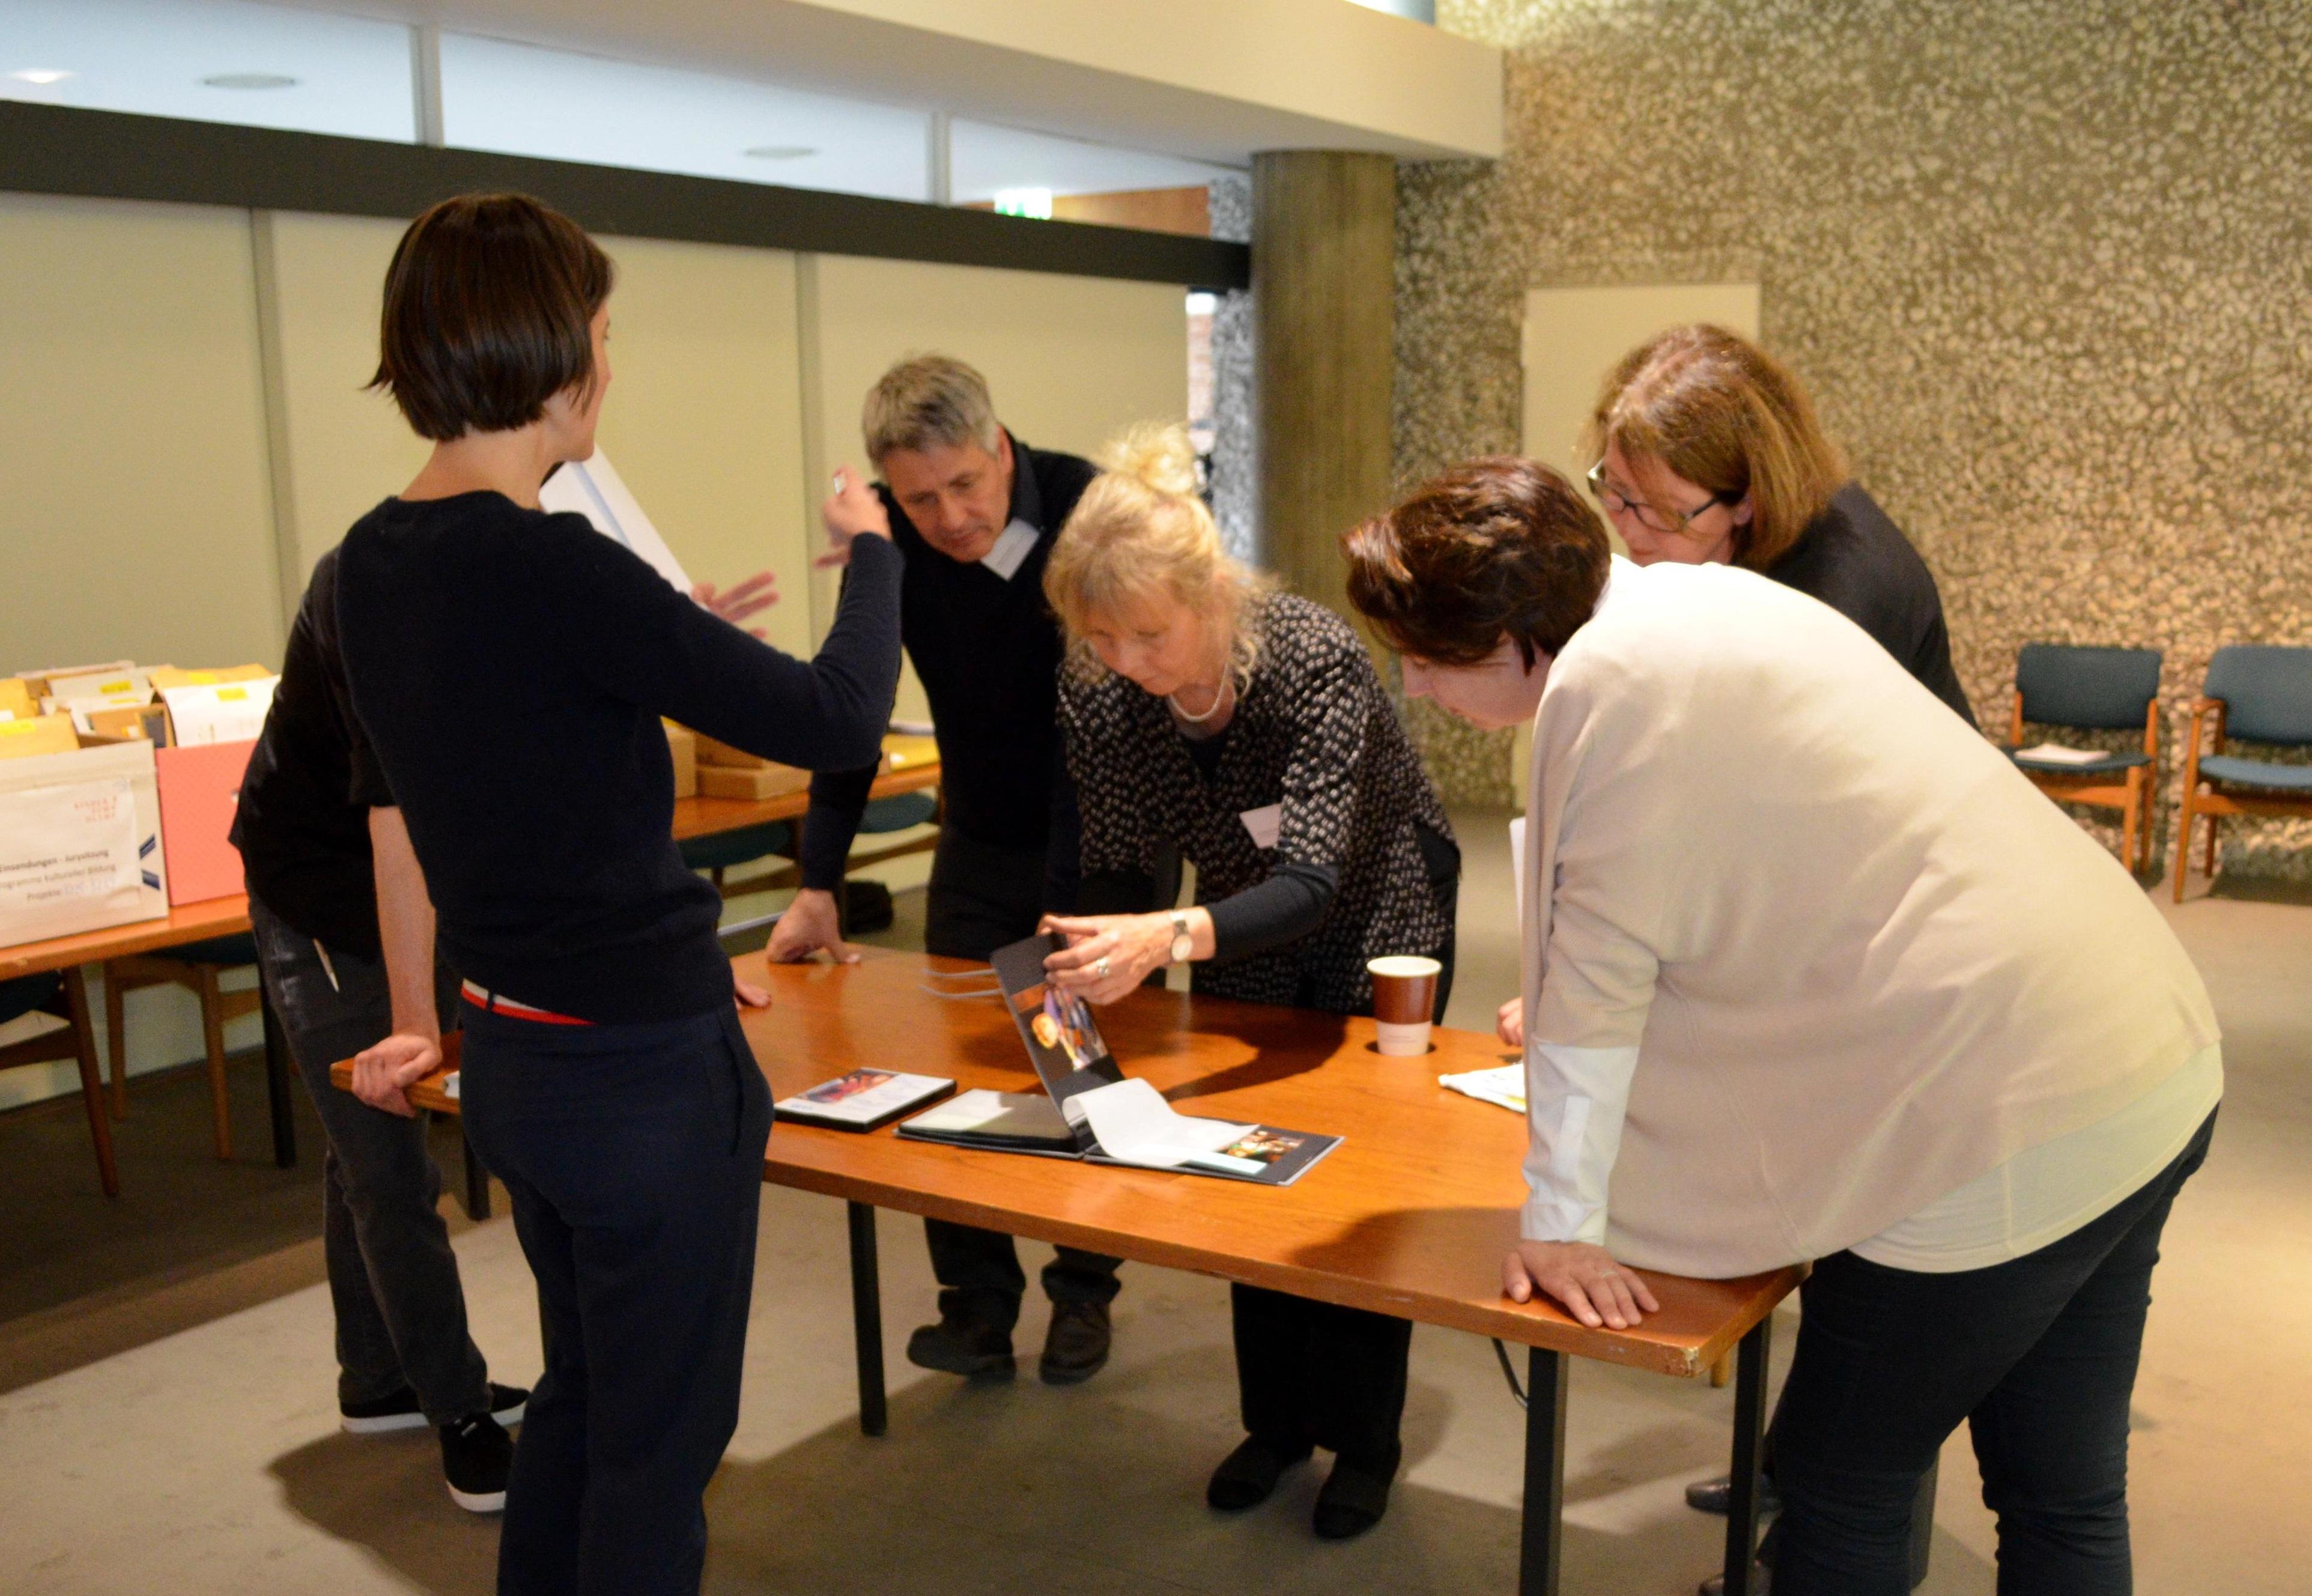 Die Jury bei Kinder zum Olymp! in der Akademie der Künste Berlin am 17. Mai 2016 mit Prof. Andrea Tober, Andreas Schmid und Renate Breitig und anderen